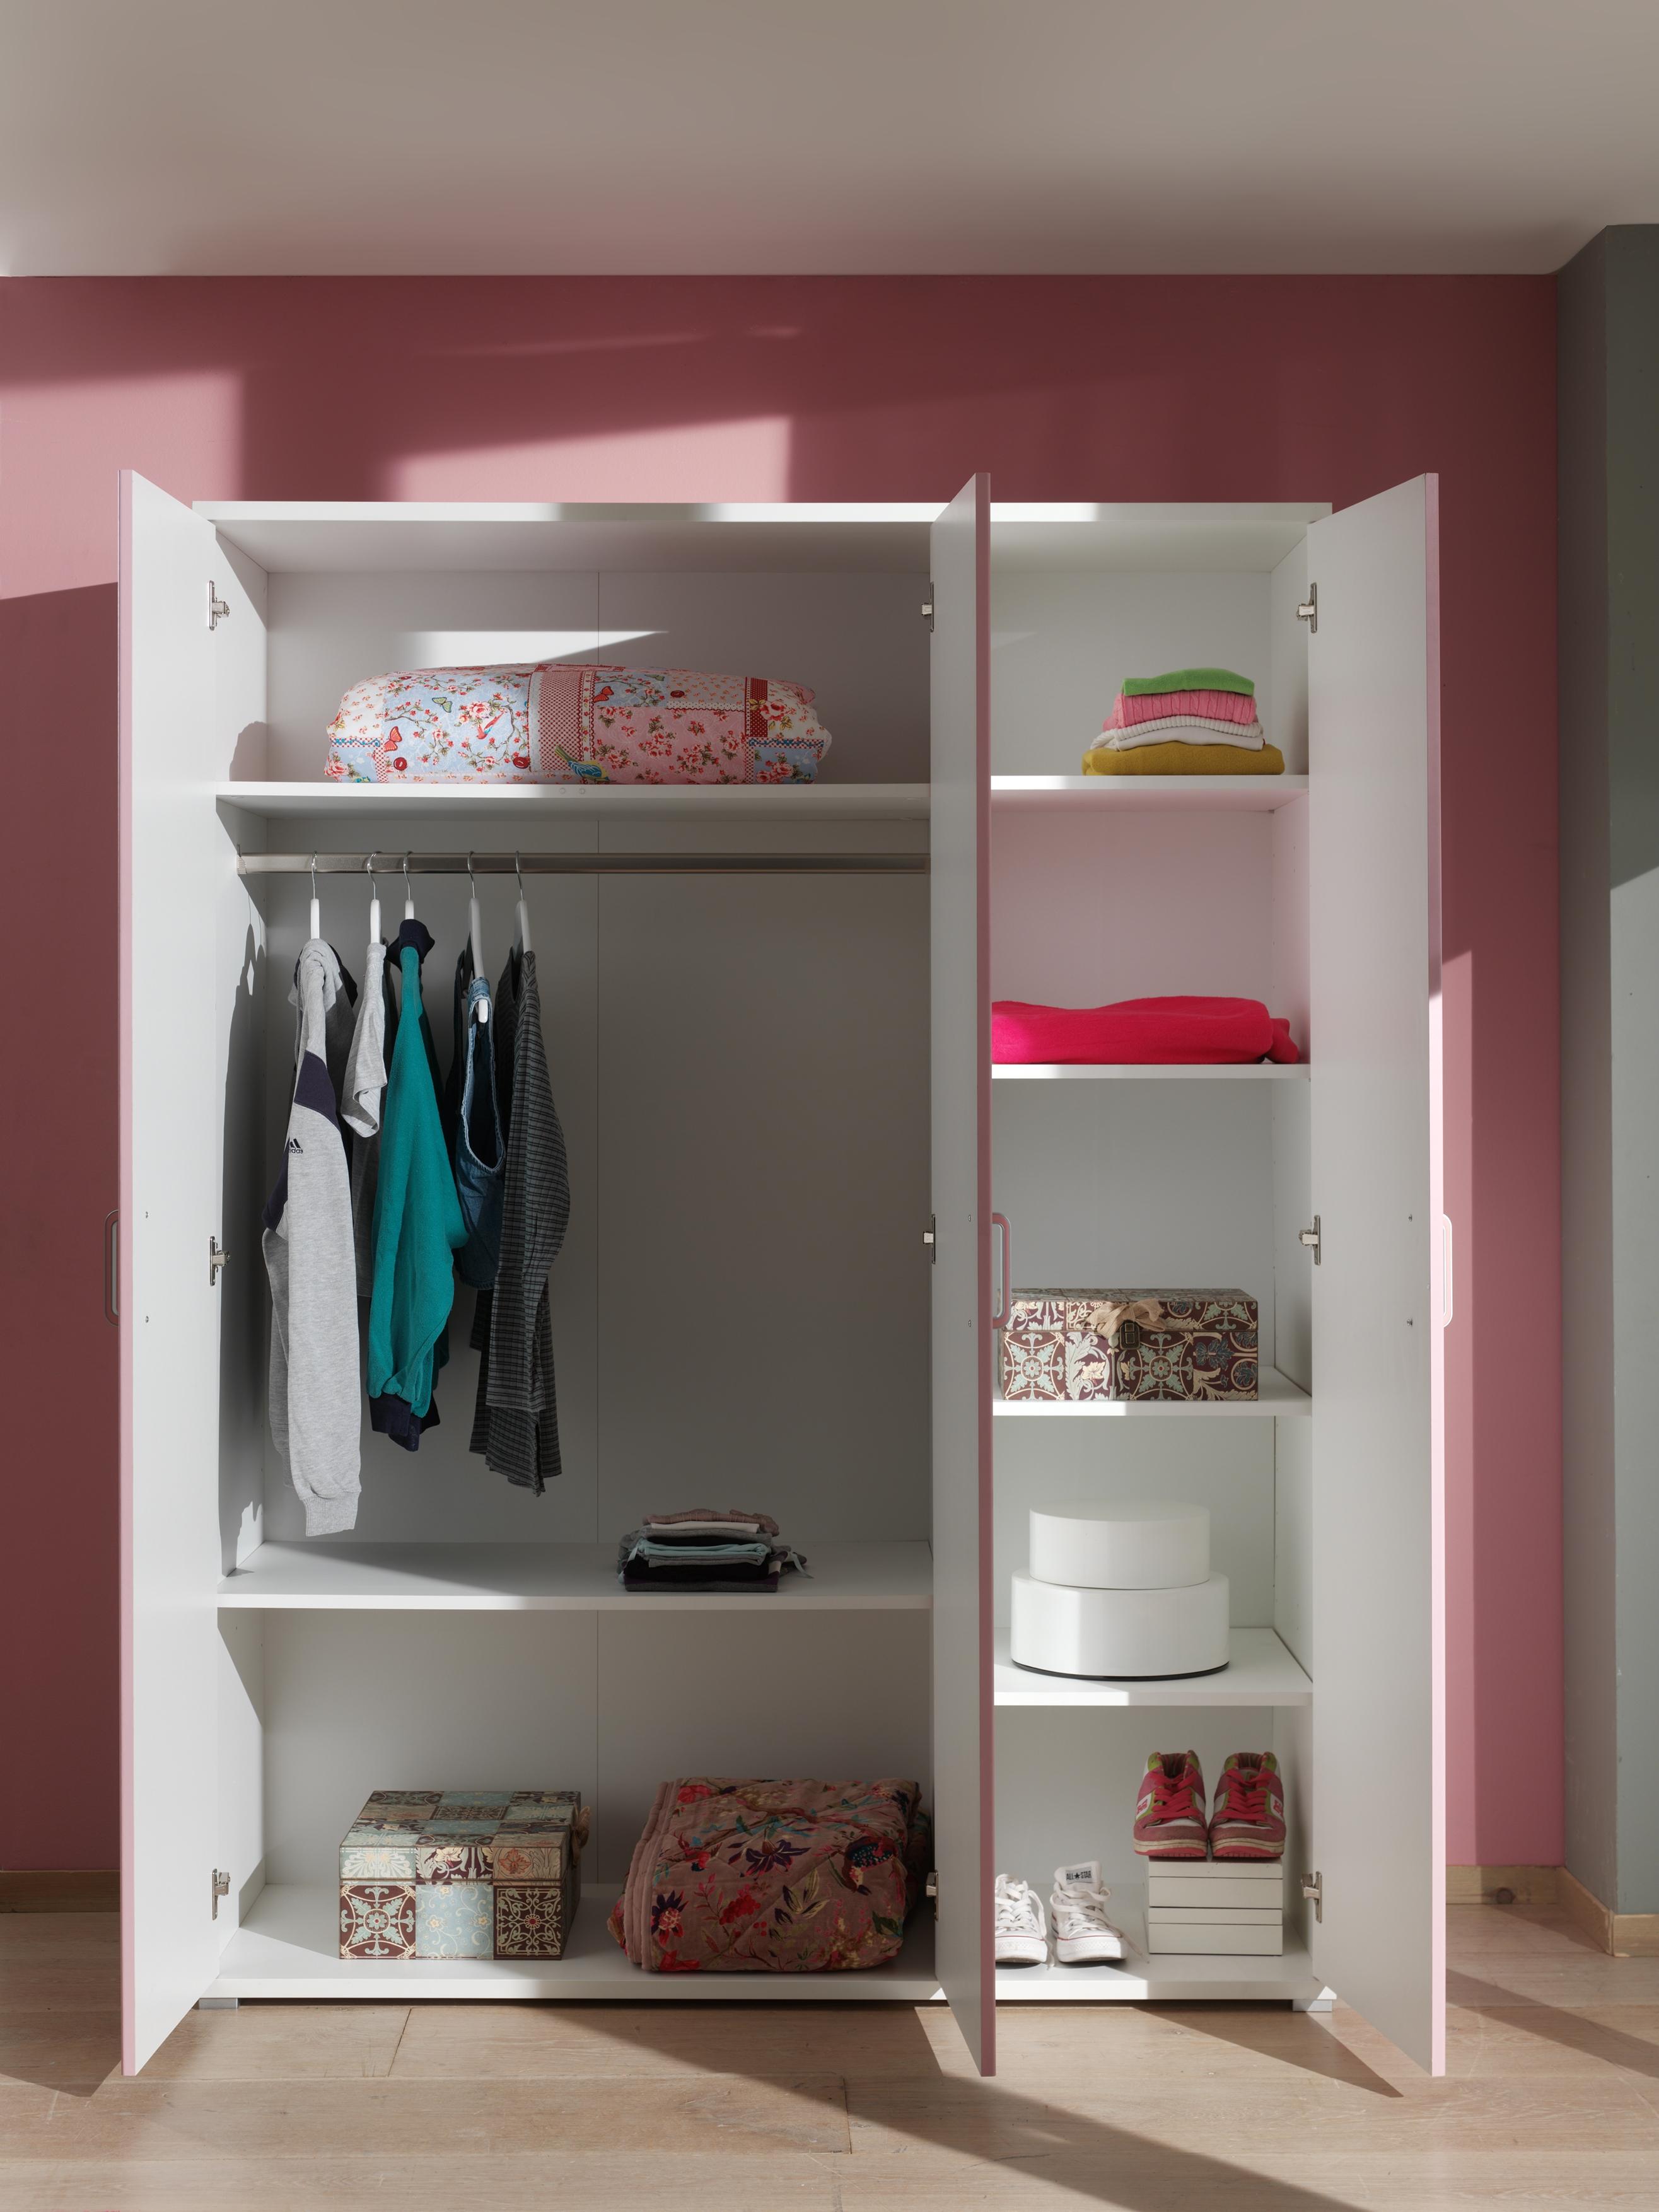 lit baldaquin enfant so romantique de la chambre emilie so nuit. Black Bedroom Furniture Sets. Home Design Ideas